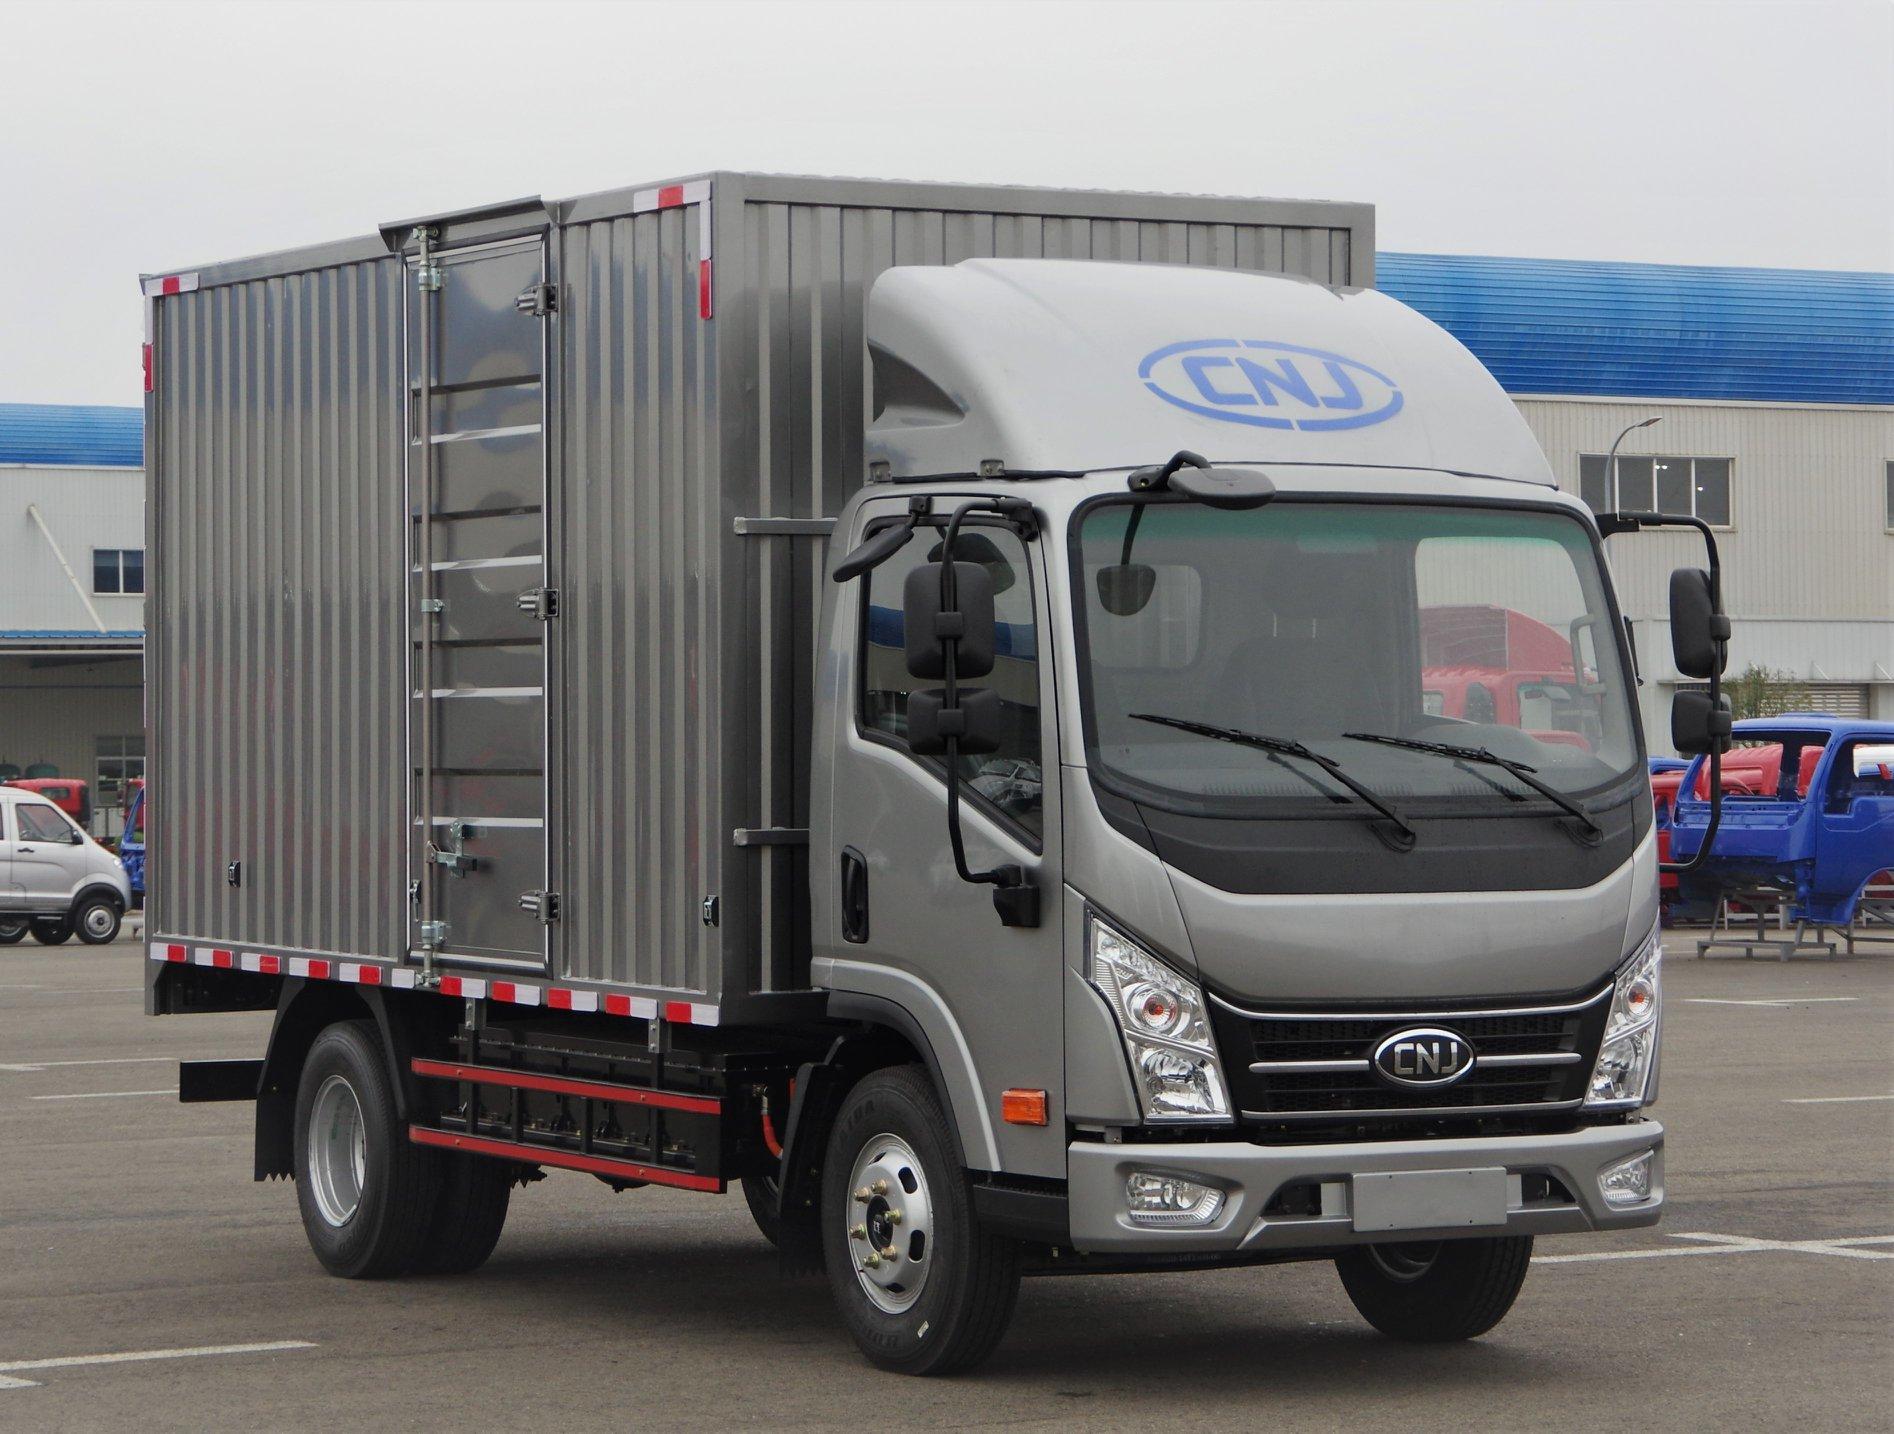 Cnj-elektrische-vrachtwagens-van-39-kwh-tot-93-kwh-met-lading-van-2-5-ton-tot-8-ton-7